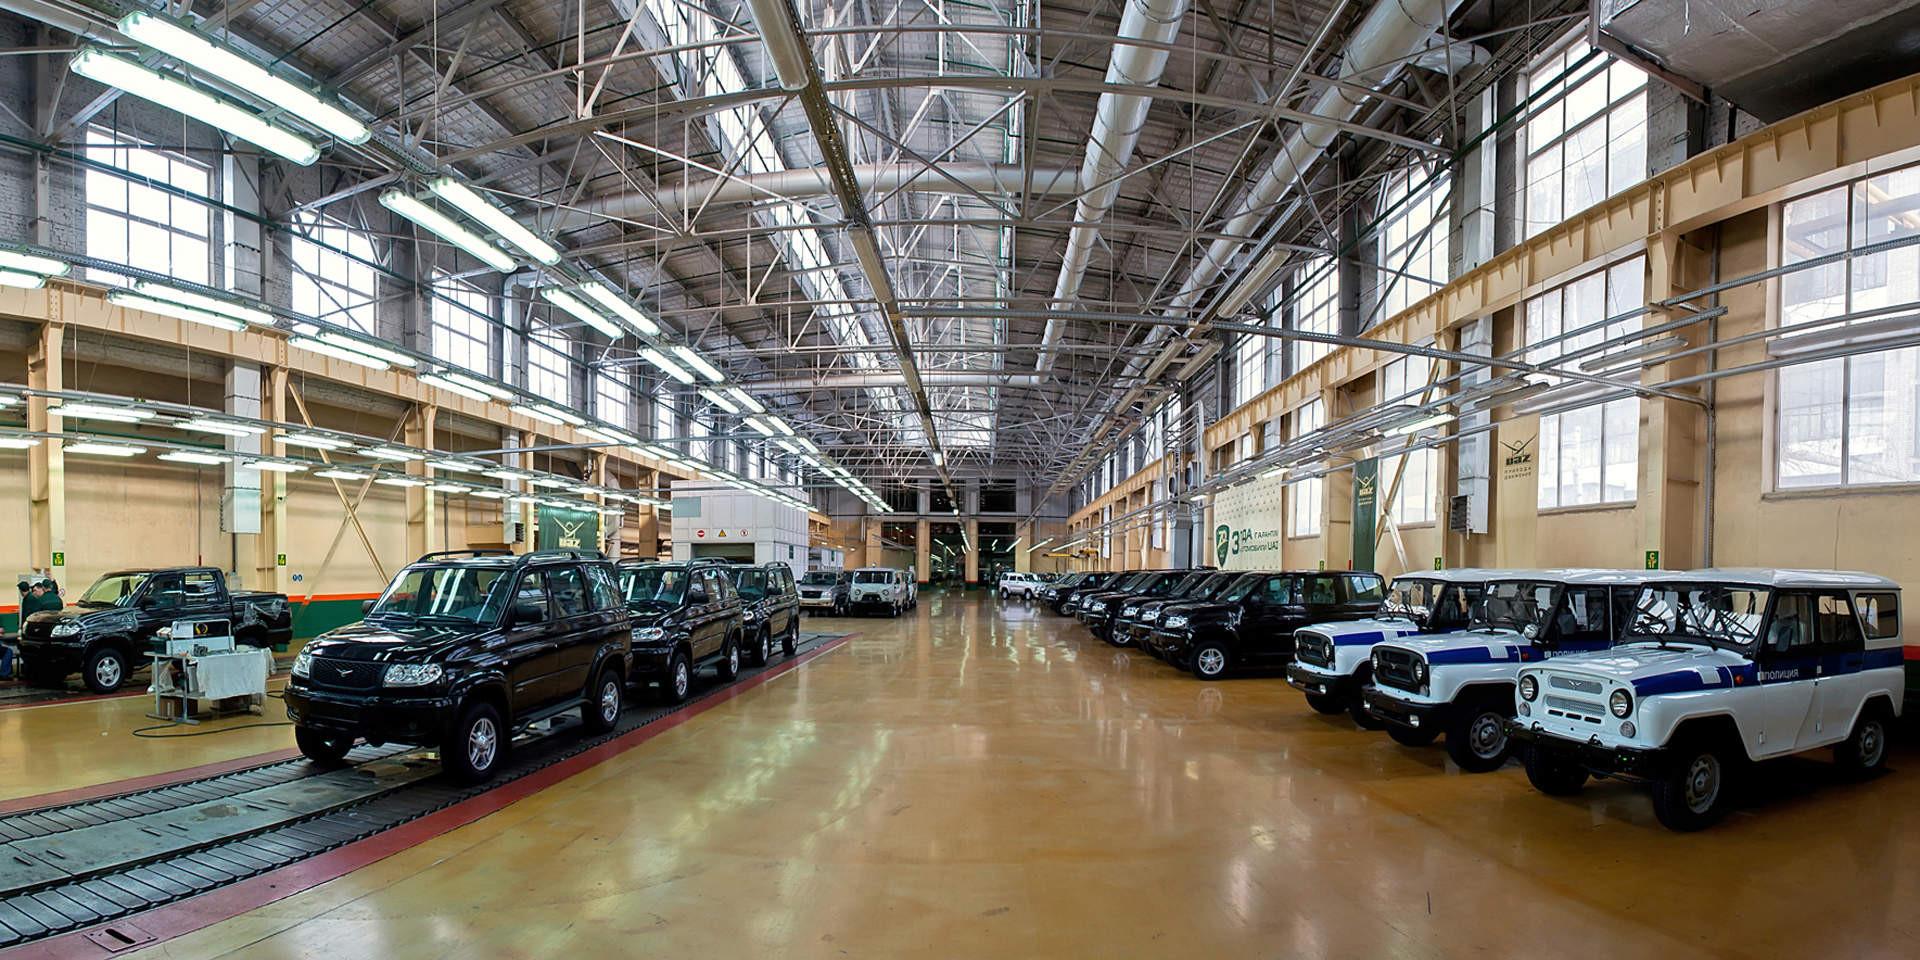 Завод УАЗ вконце лета переходит натрёхдневную рабочую неделю